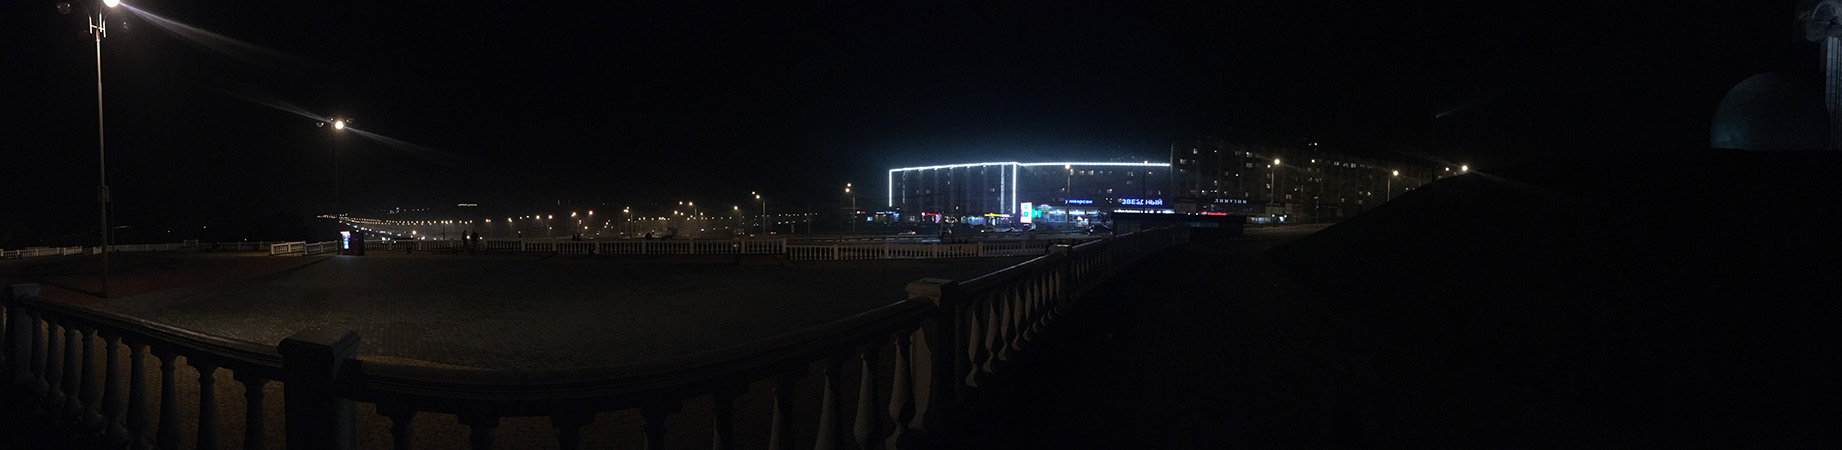 Ночная панорама с iPhone 6S